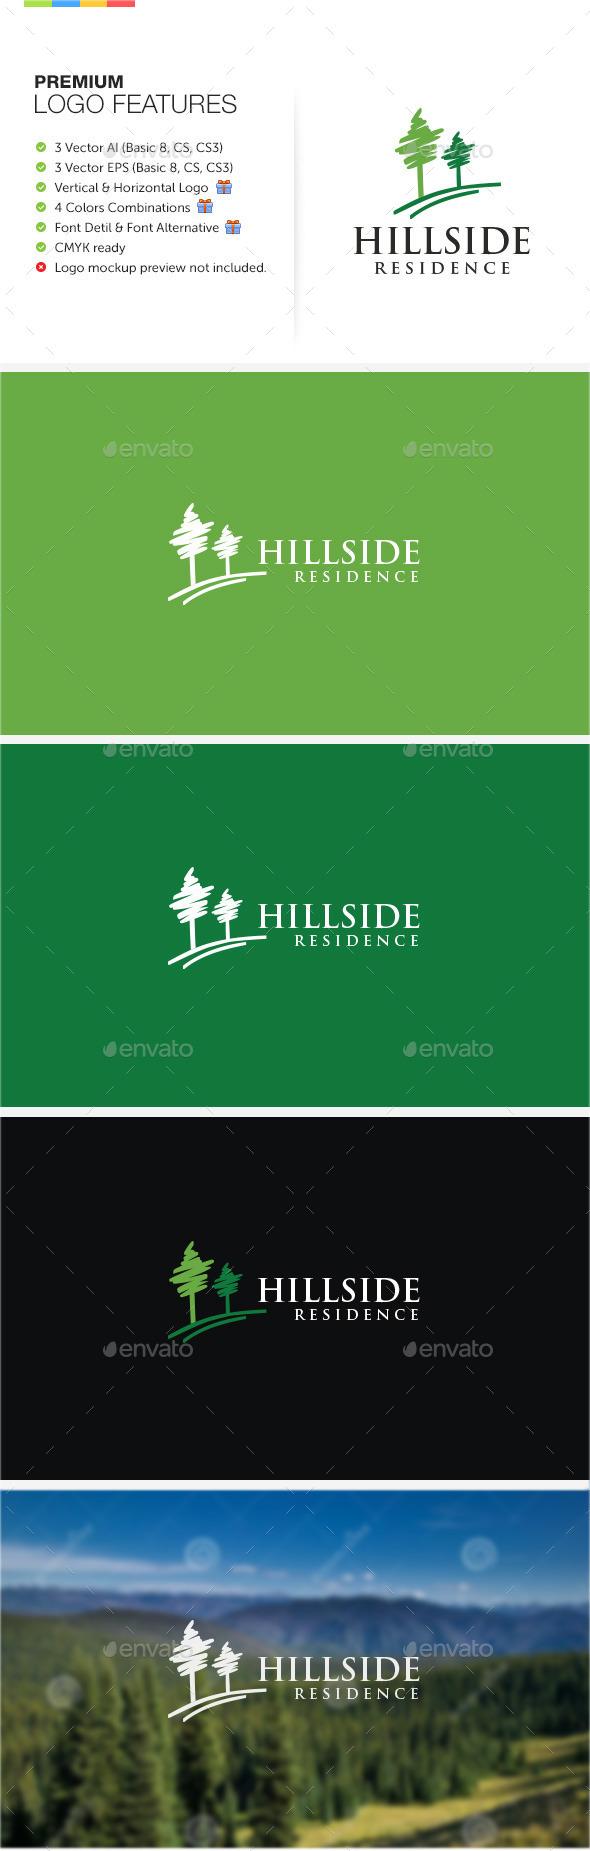 Hillside Residence Logo - Nature Logo Templates